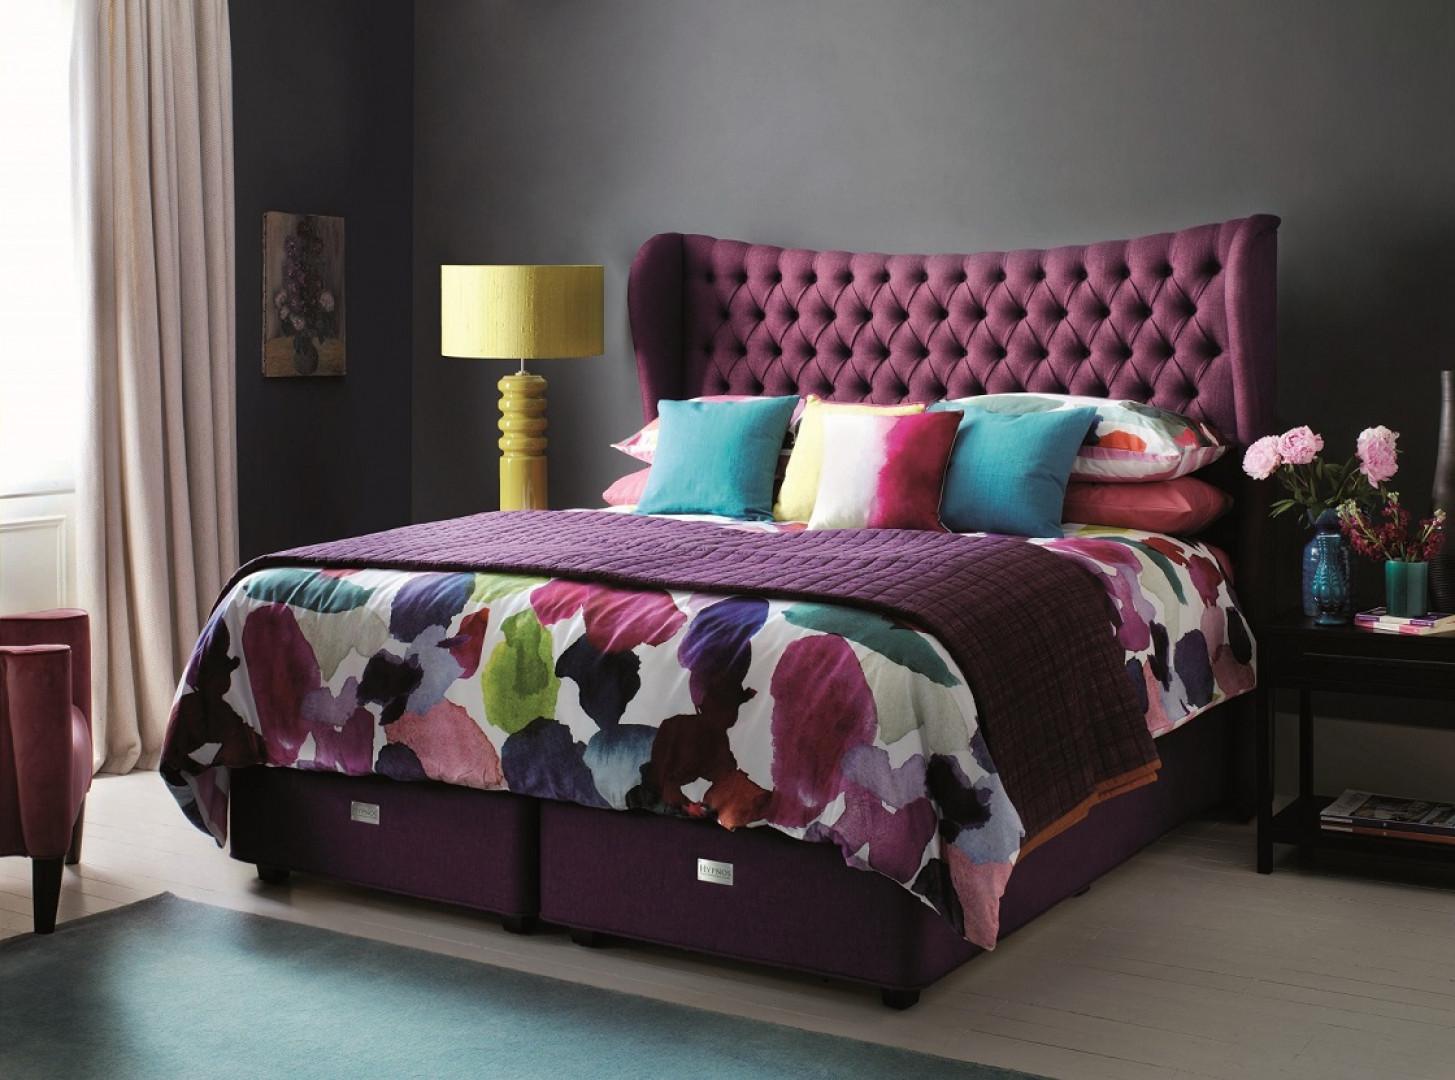 Łóżko kontynentalne. Fot. Hypnos Beds